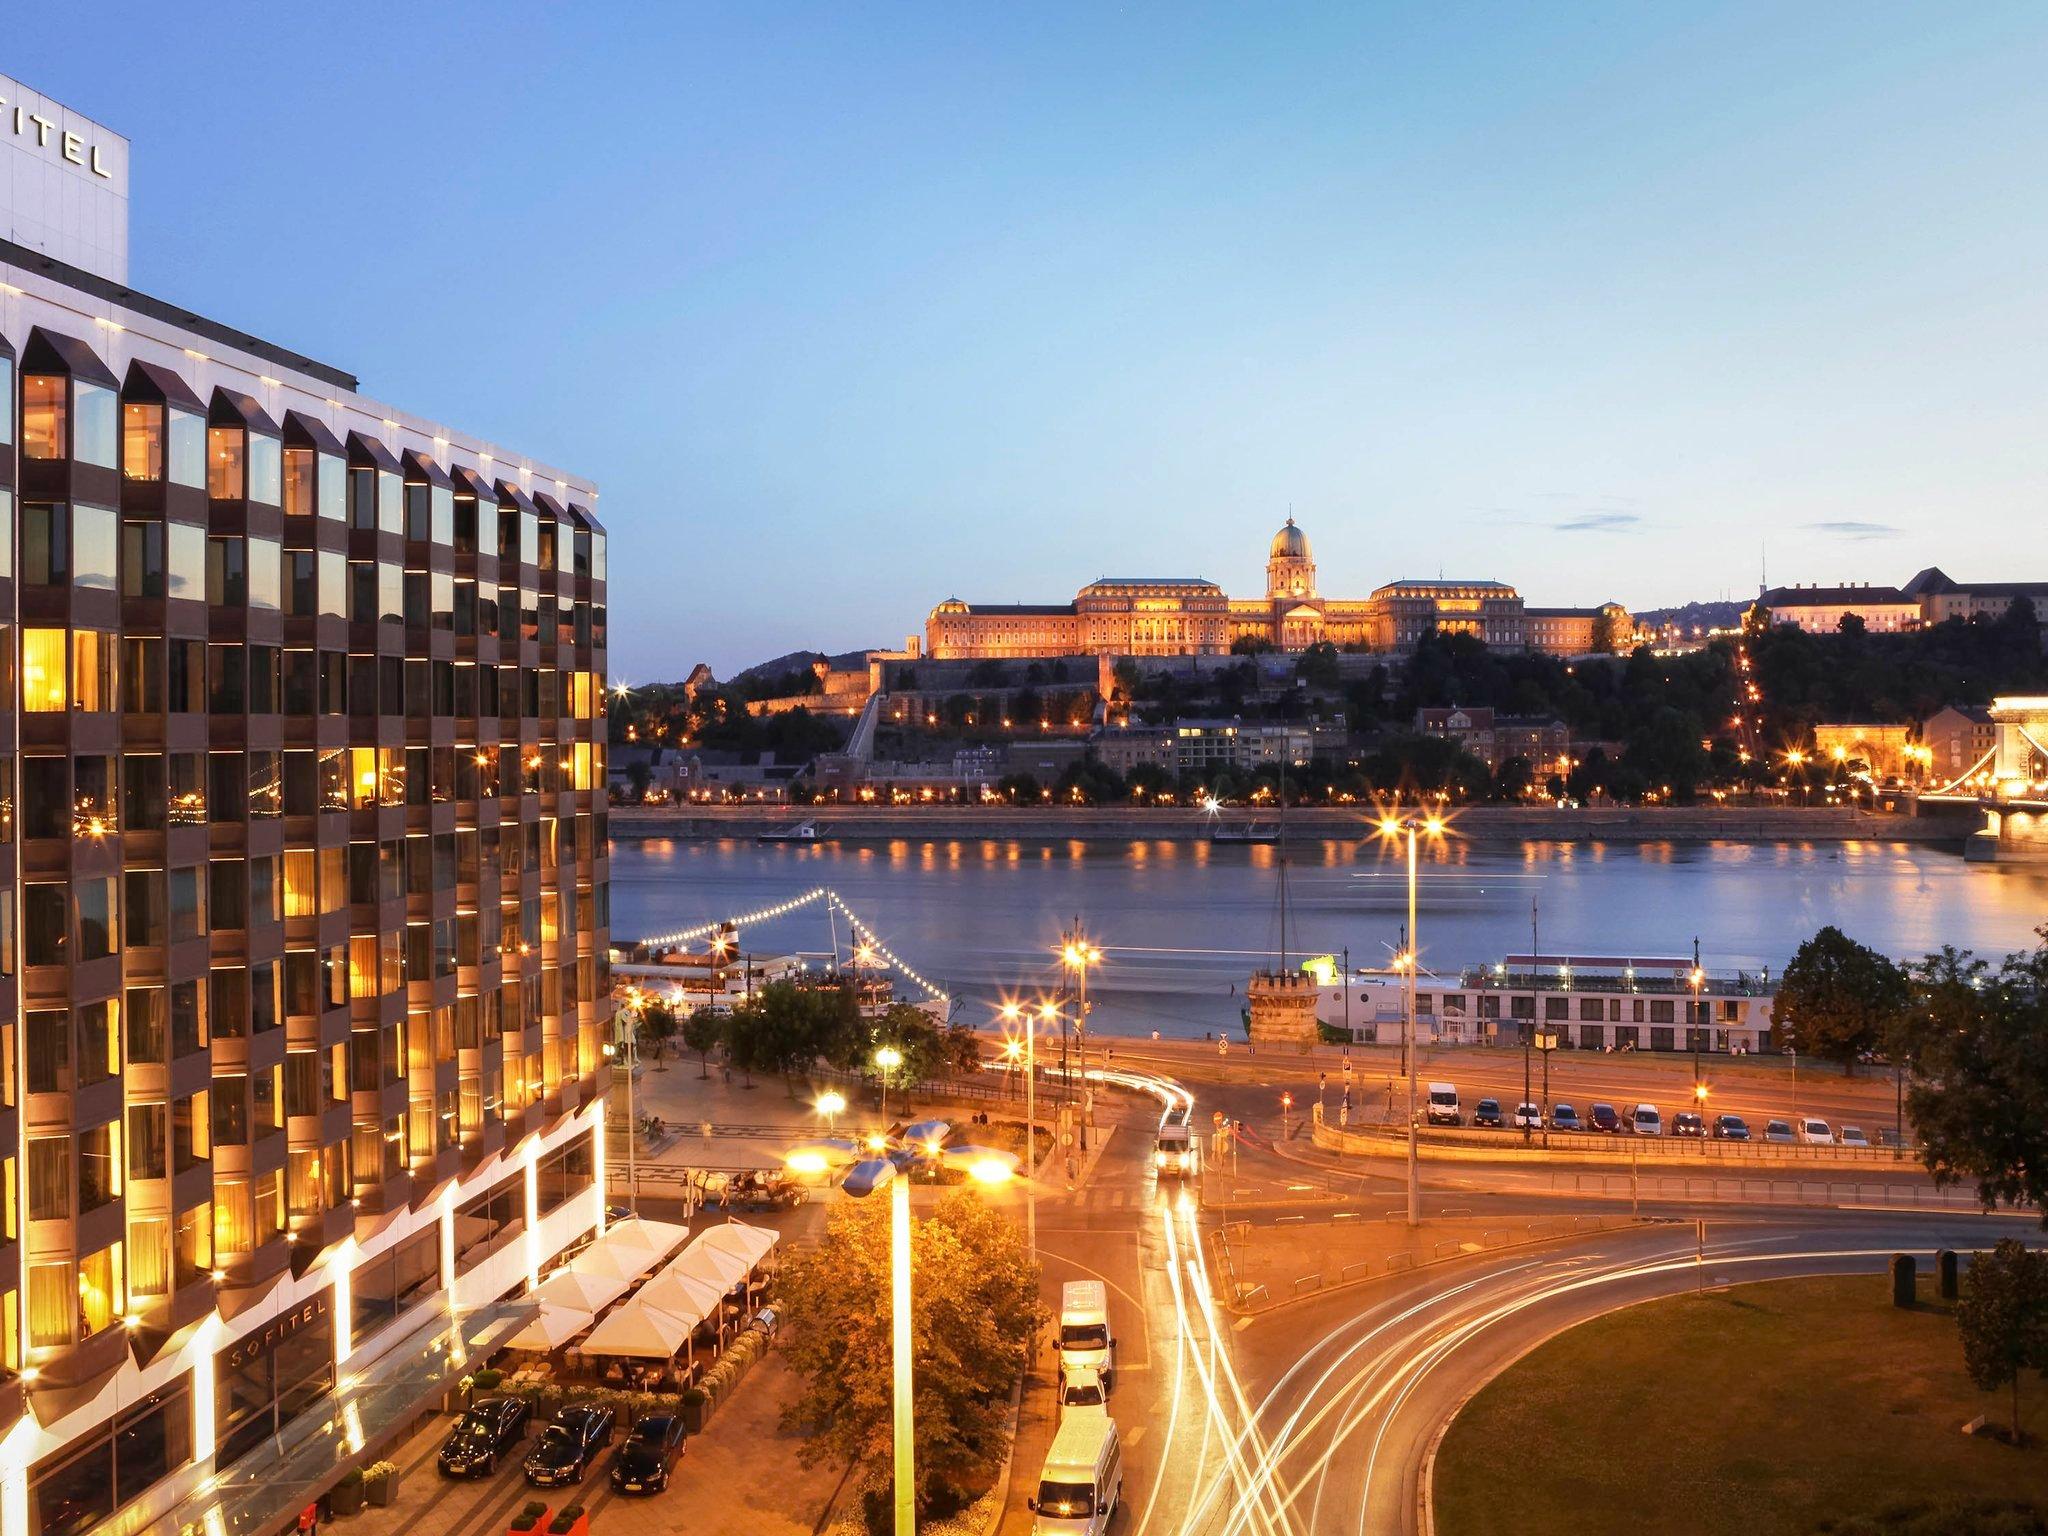 Sofitel Budapest Chain Bridge